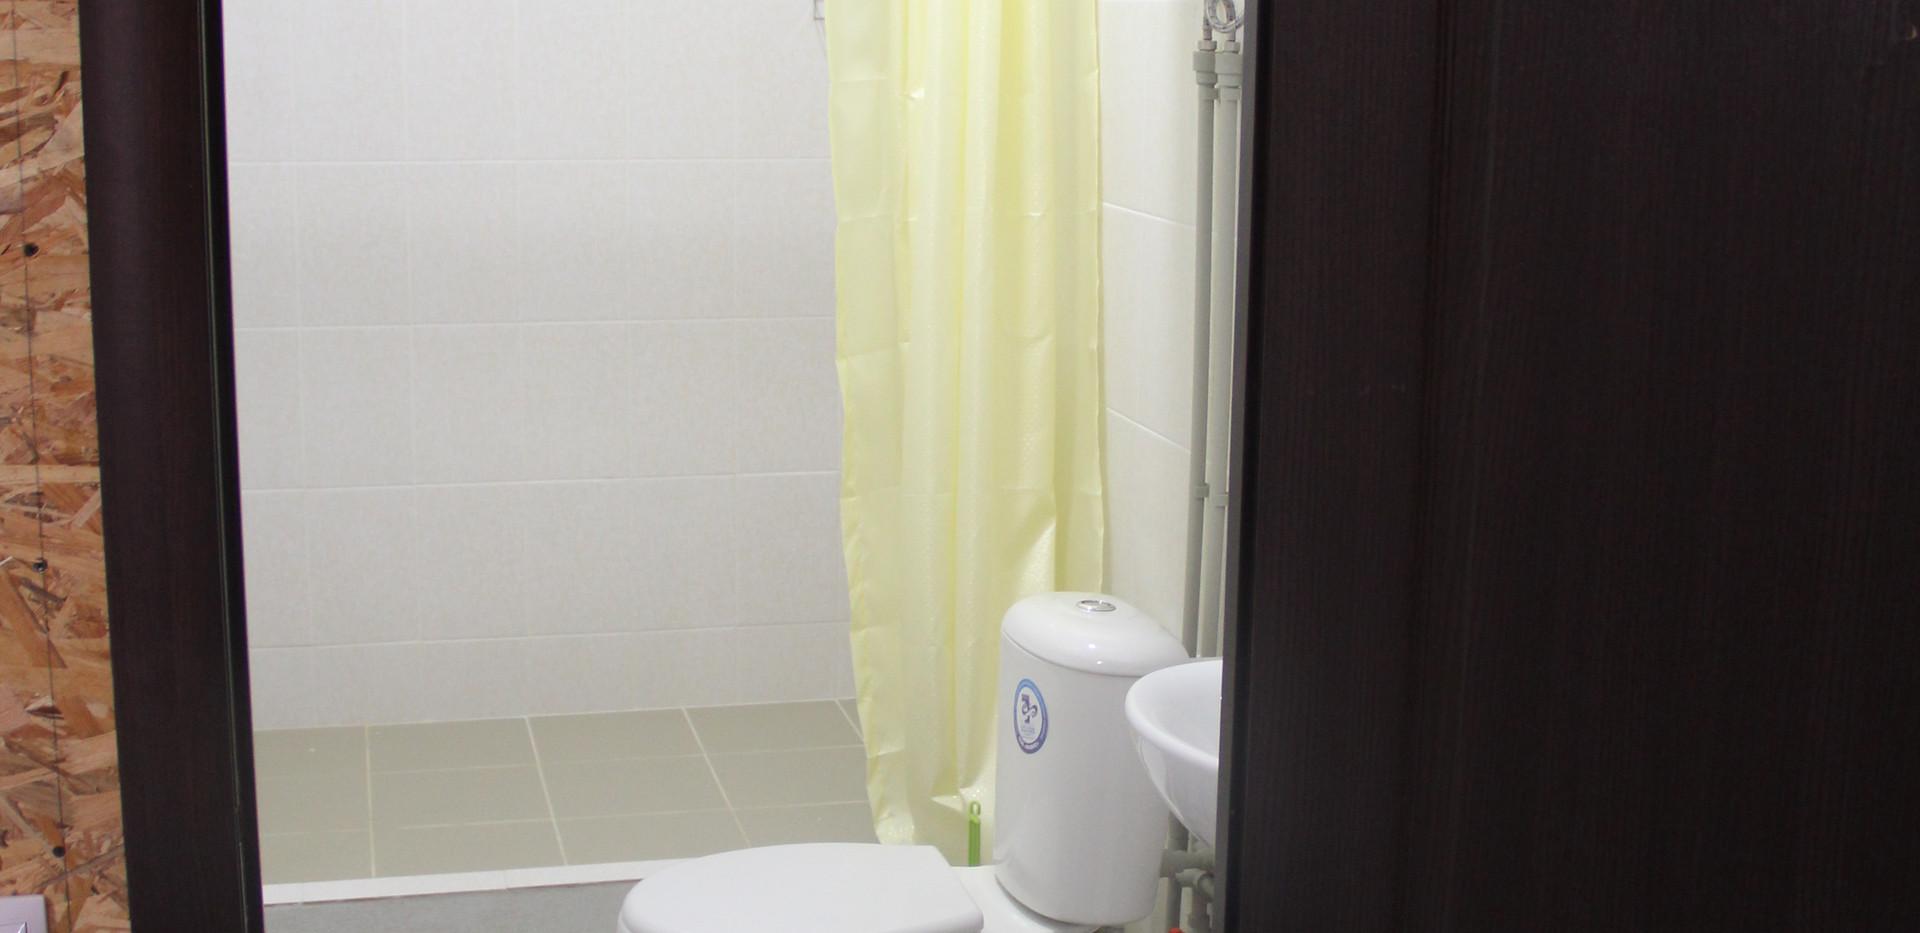 Душ, туалет. холодная, горячая вода